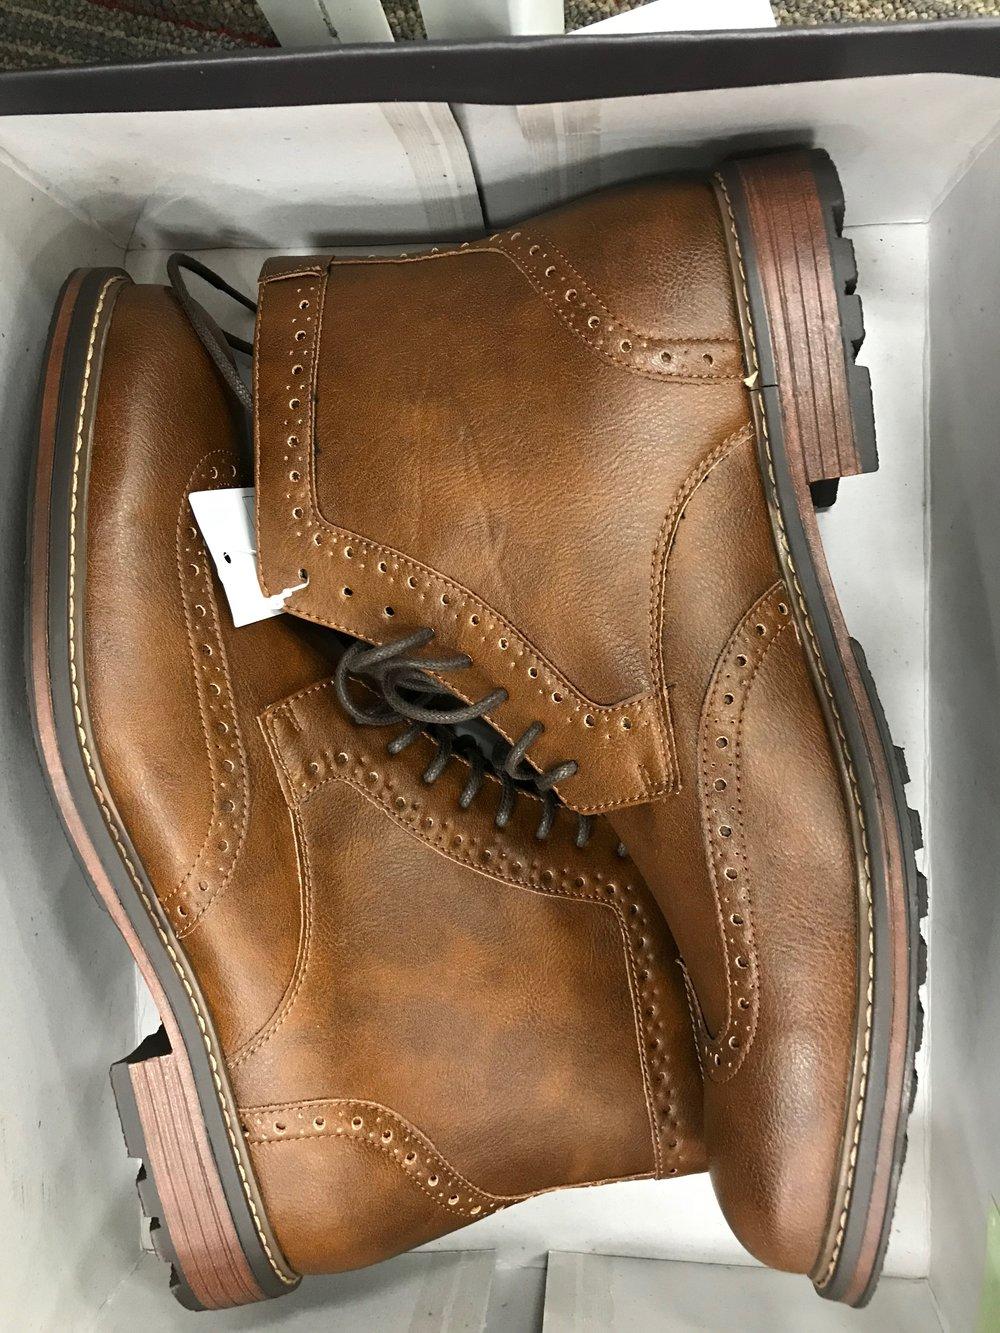 Shoes - $44.99